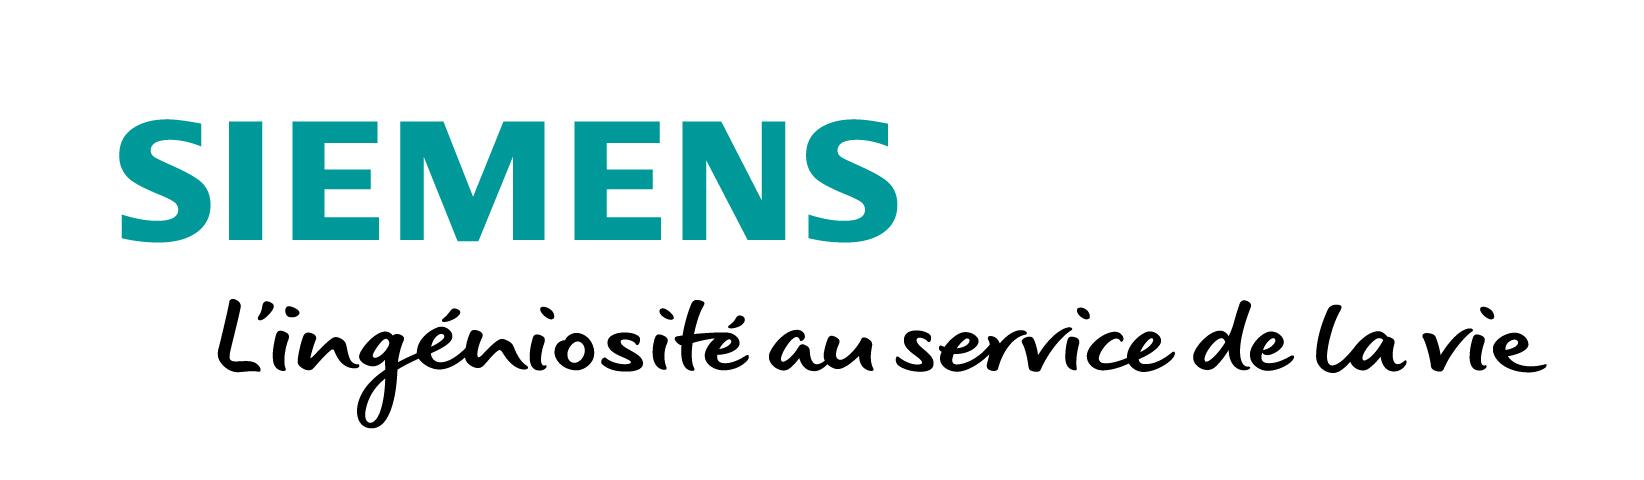 sie-logo-layer-claim-fr-petrol-rgb.jpg